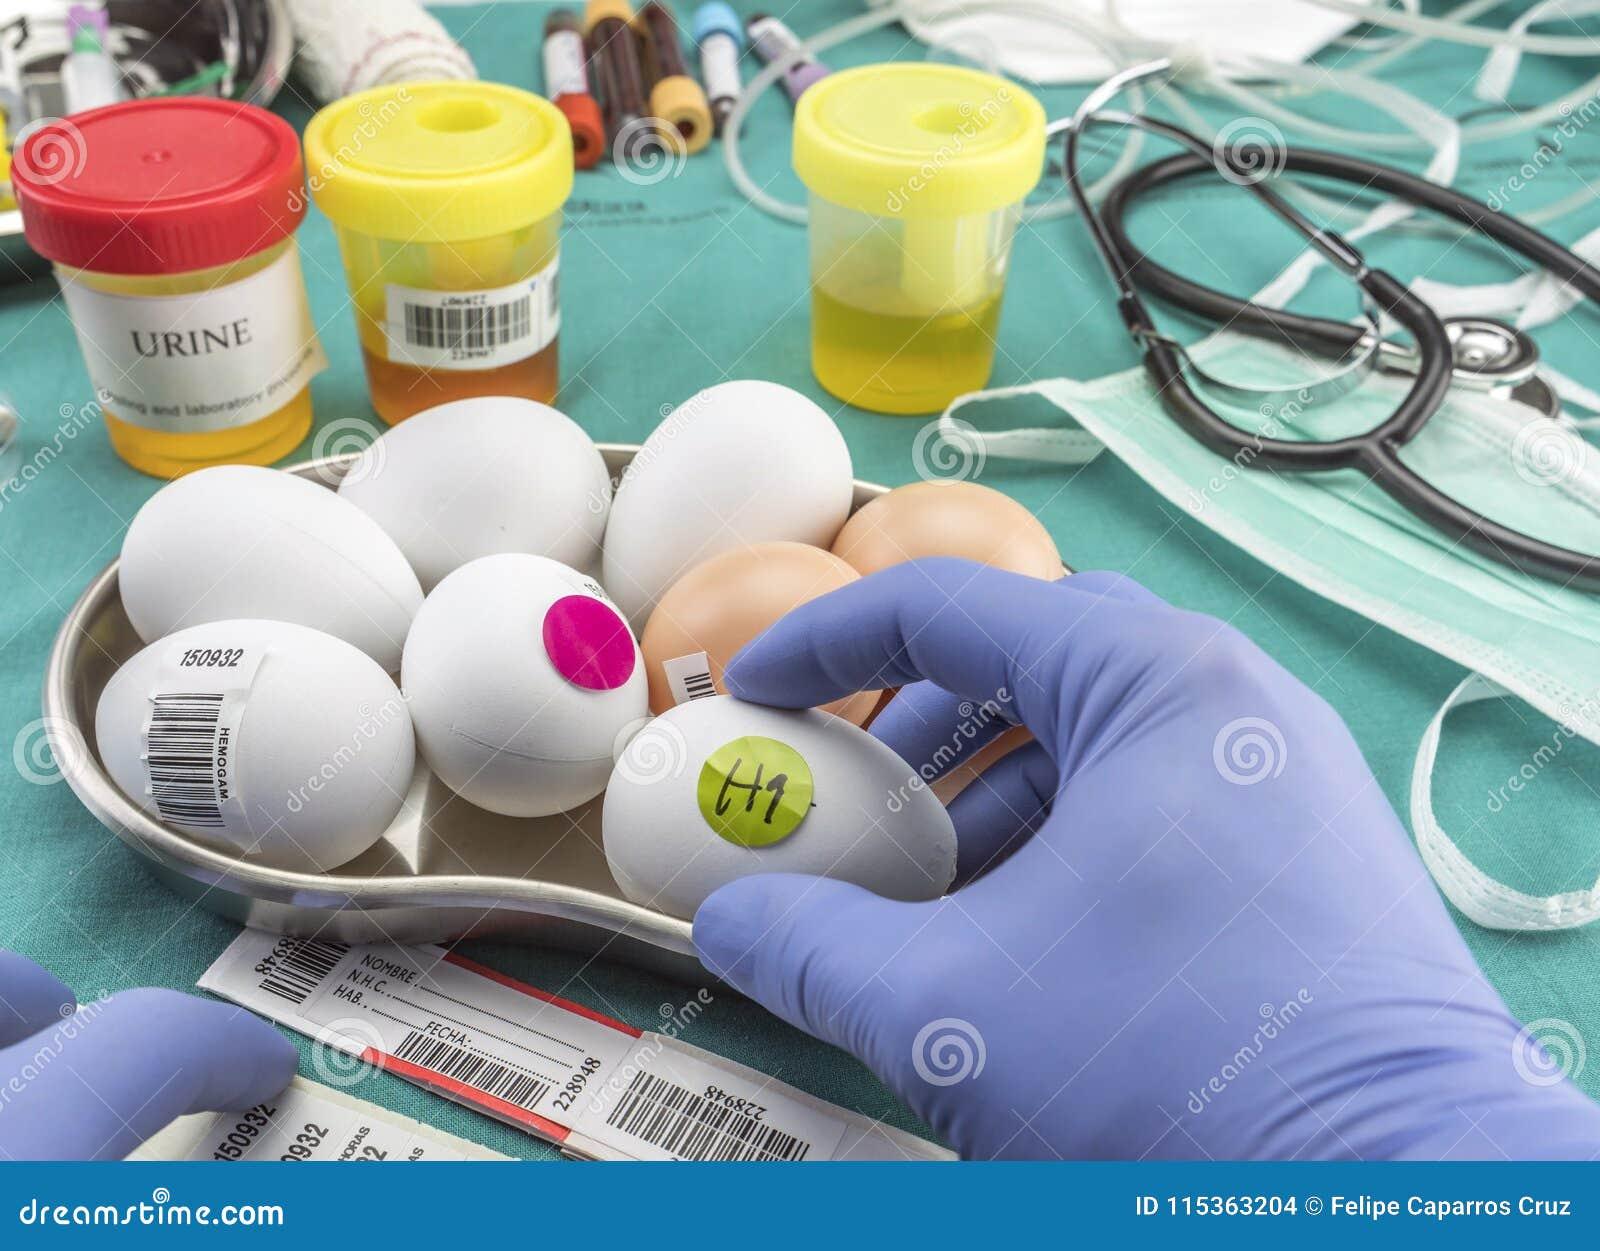 La marque scientifique avec le label eggs en mauvais état pour examiner dedans